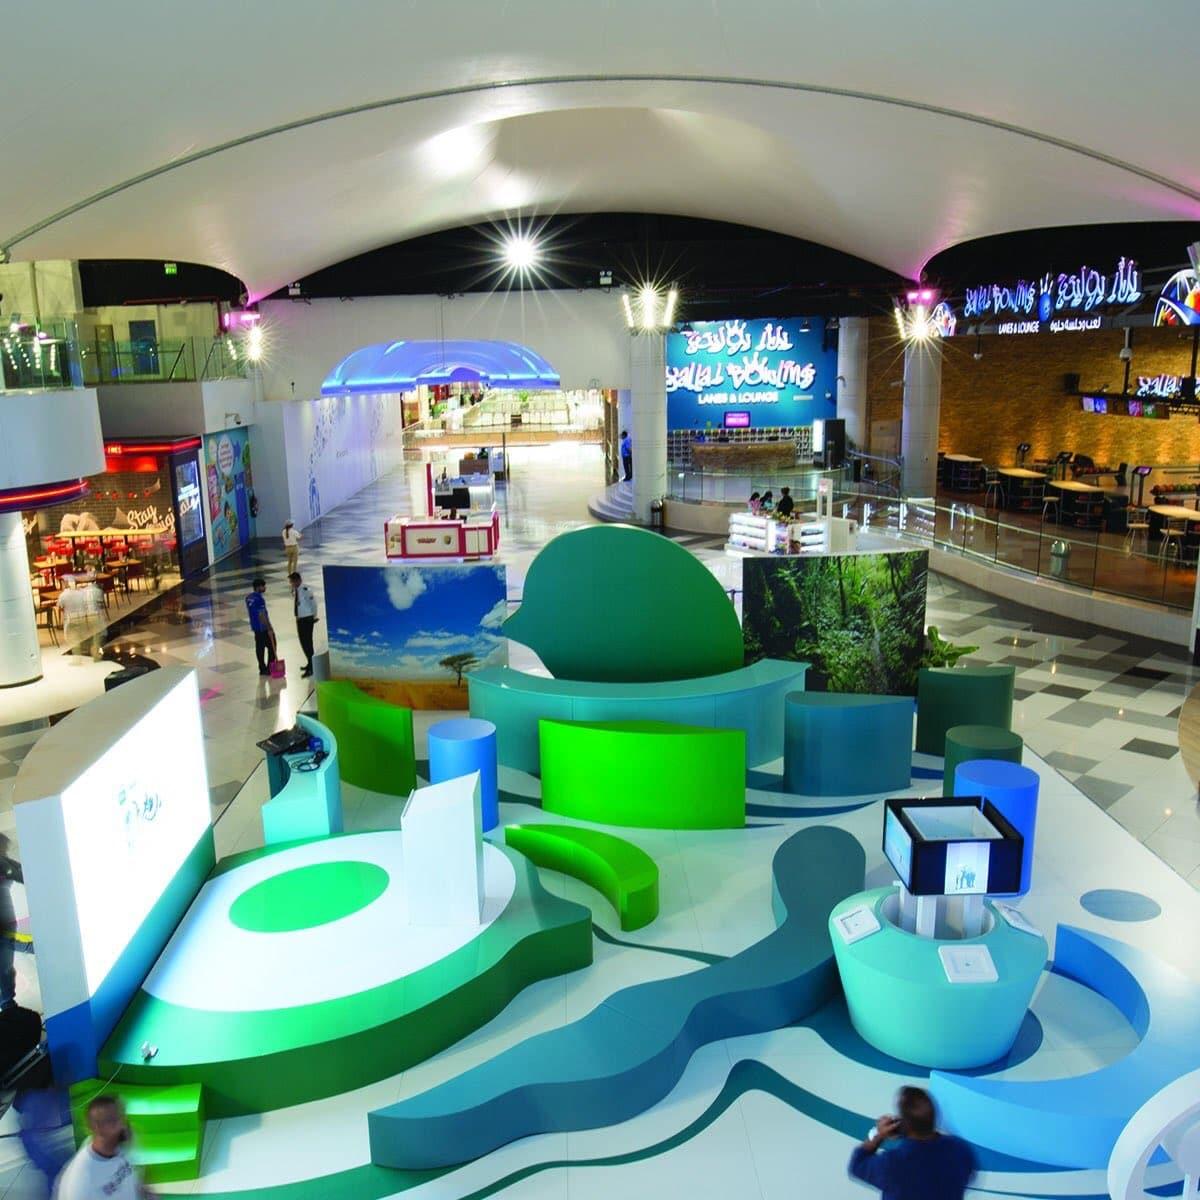 The European Museum in Dubai